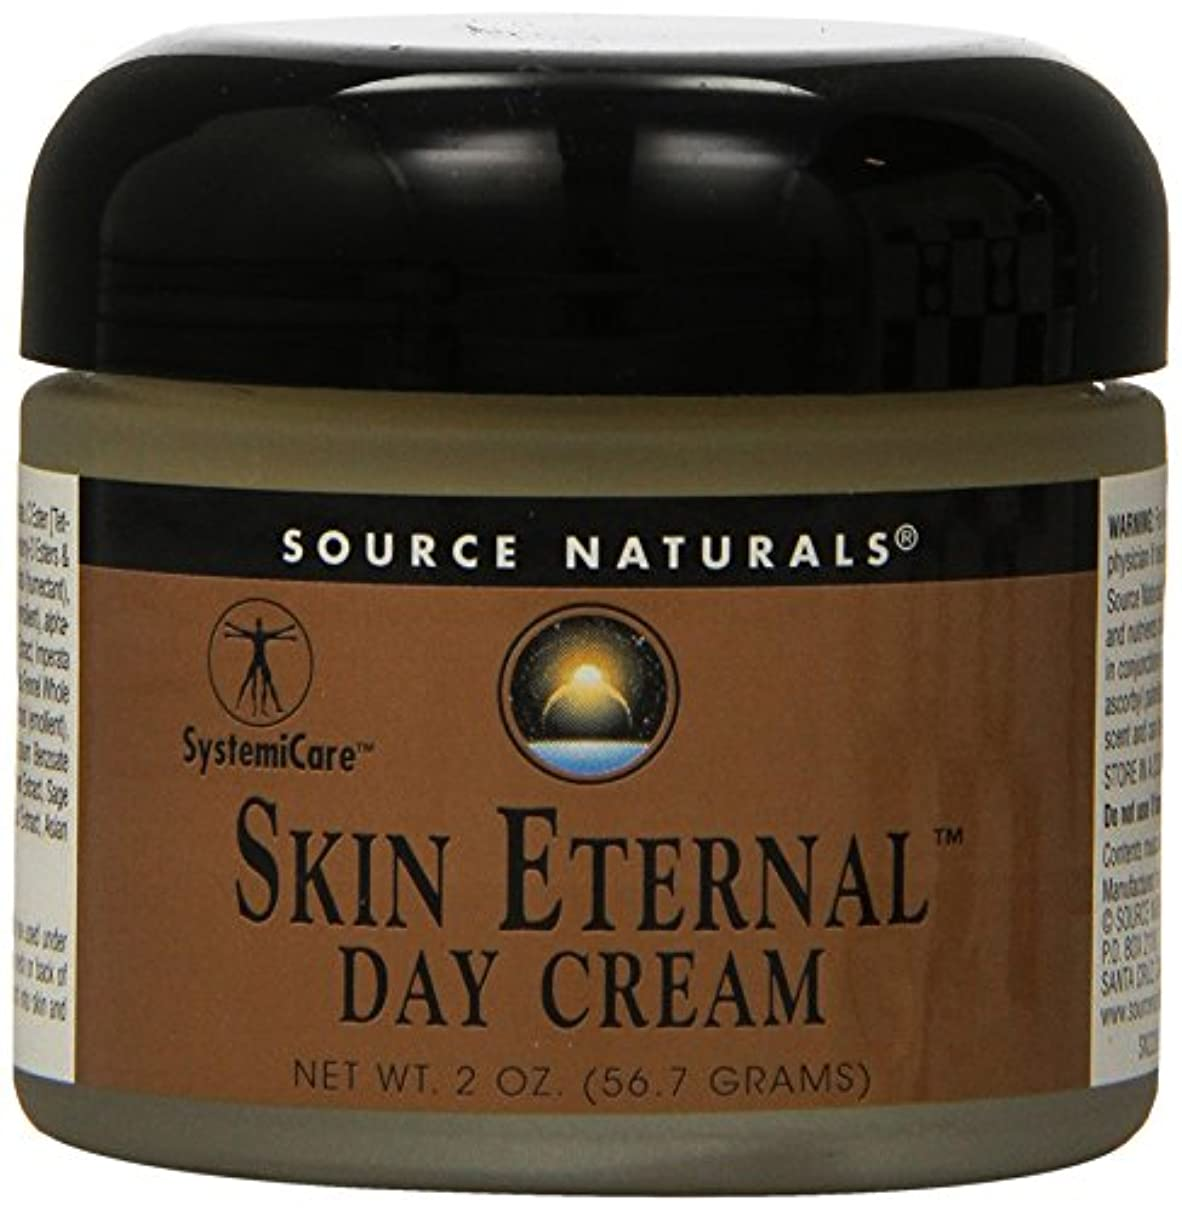 夜鑑定契約した海外直送品 Source Naturals Skin Eternal Day Cream, 2 OZ